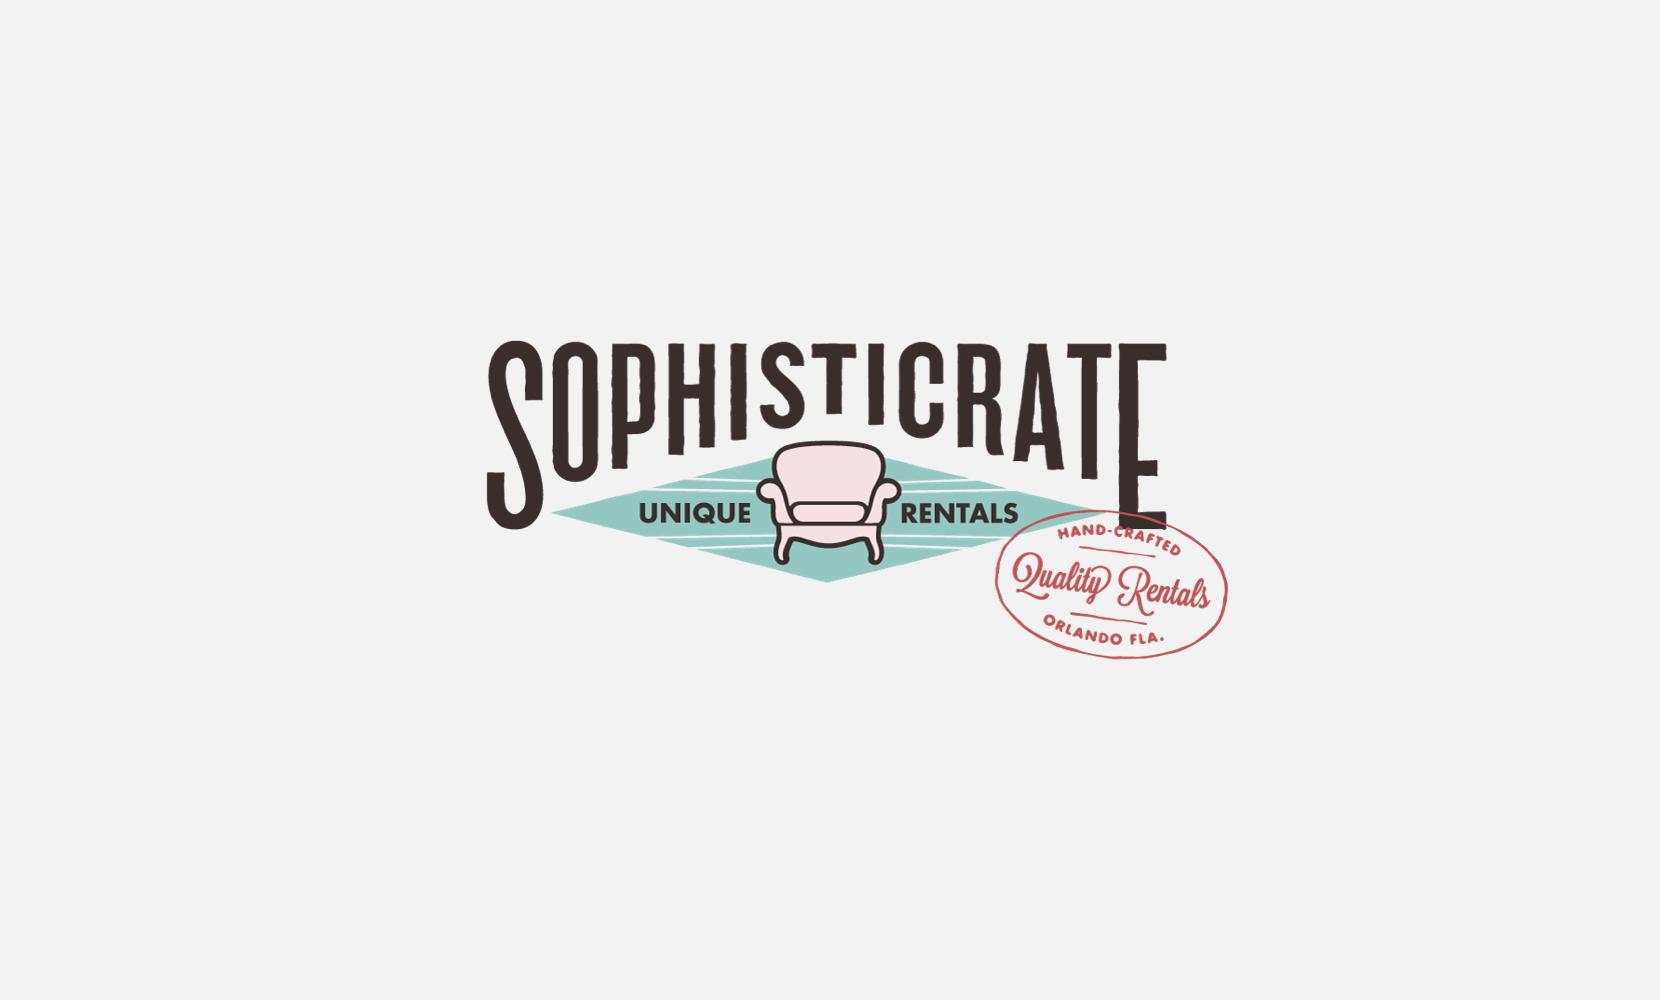 sophisticrate_logo_bg.png